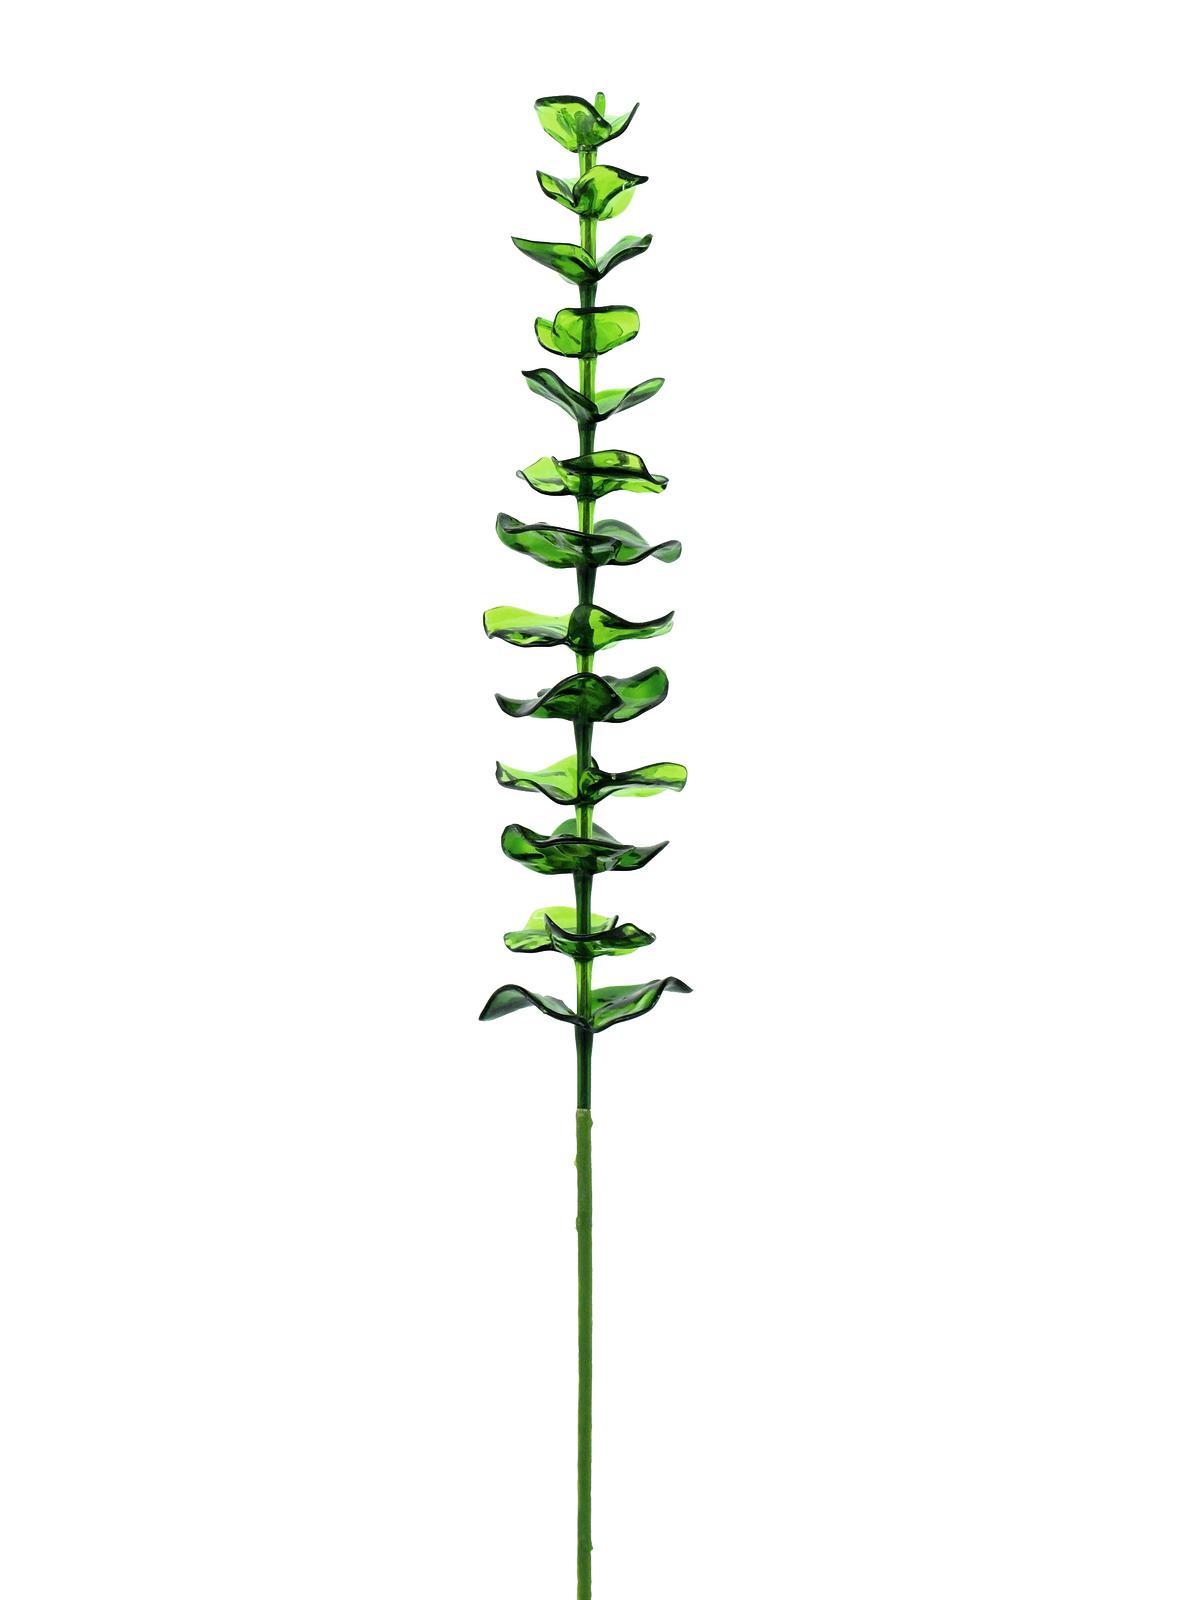 Billede af Kunstig Crystal eucalyptus, Grøn, 81cm, 12stk